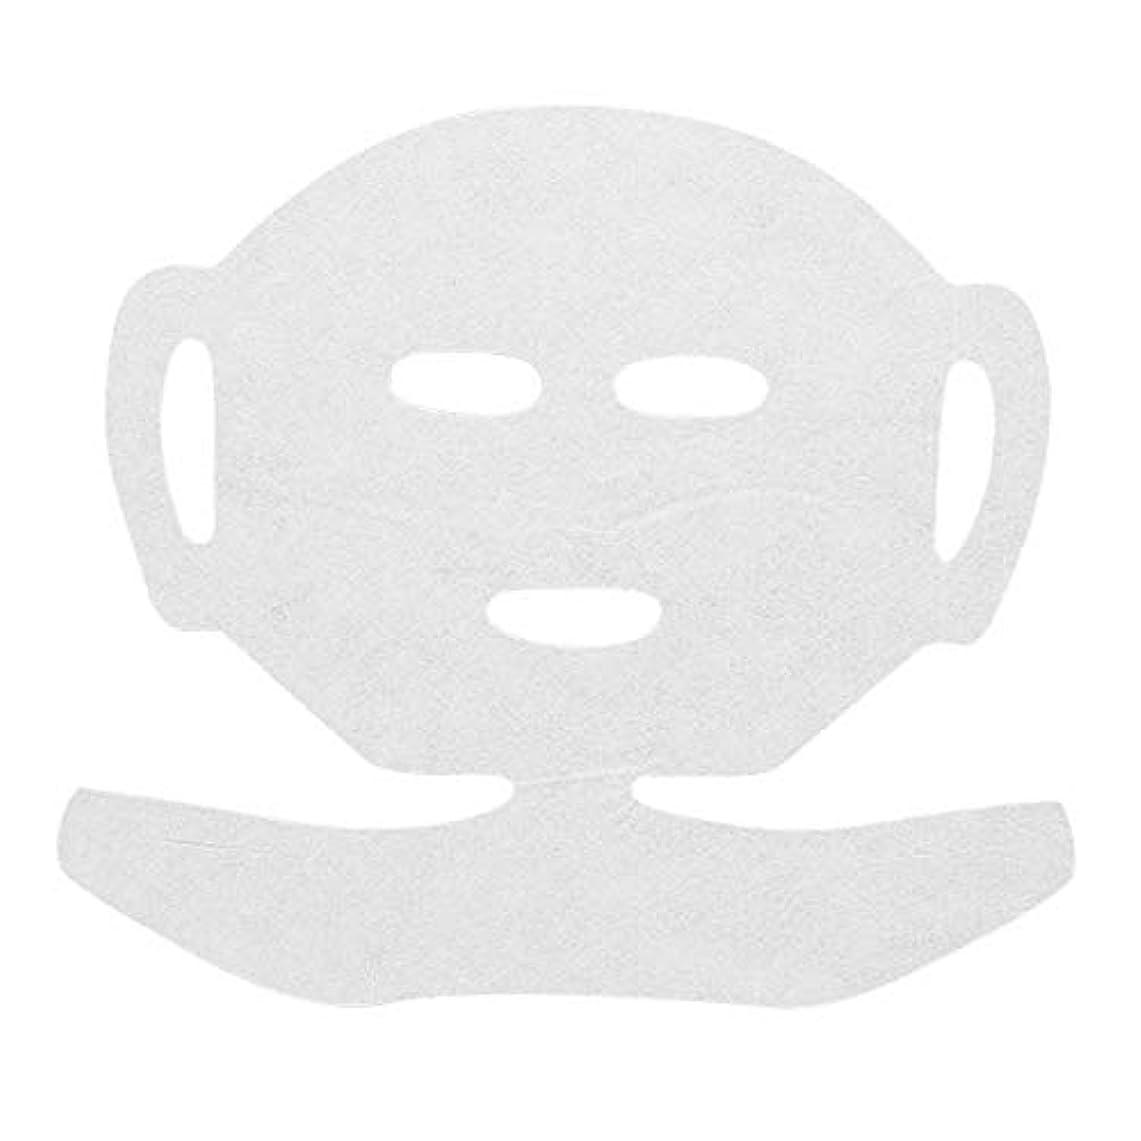 申し立てるスポークスマン移民高保水 フェイシャルシート (マスクタイプネック付き 化粧水無し) 80枚 29×20cm [ フェイスマスク フェイスシート フェイスパック フェイシャルマスク シートマスク フェイシャルシート フェイシャルパック ローションマスク ローションパック ]